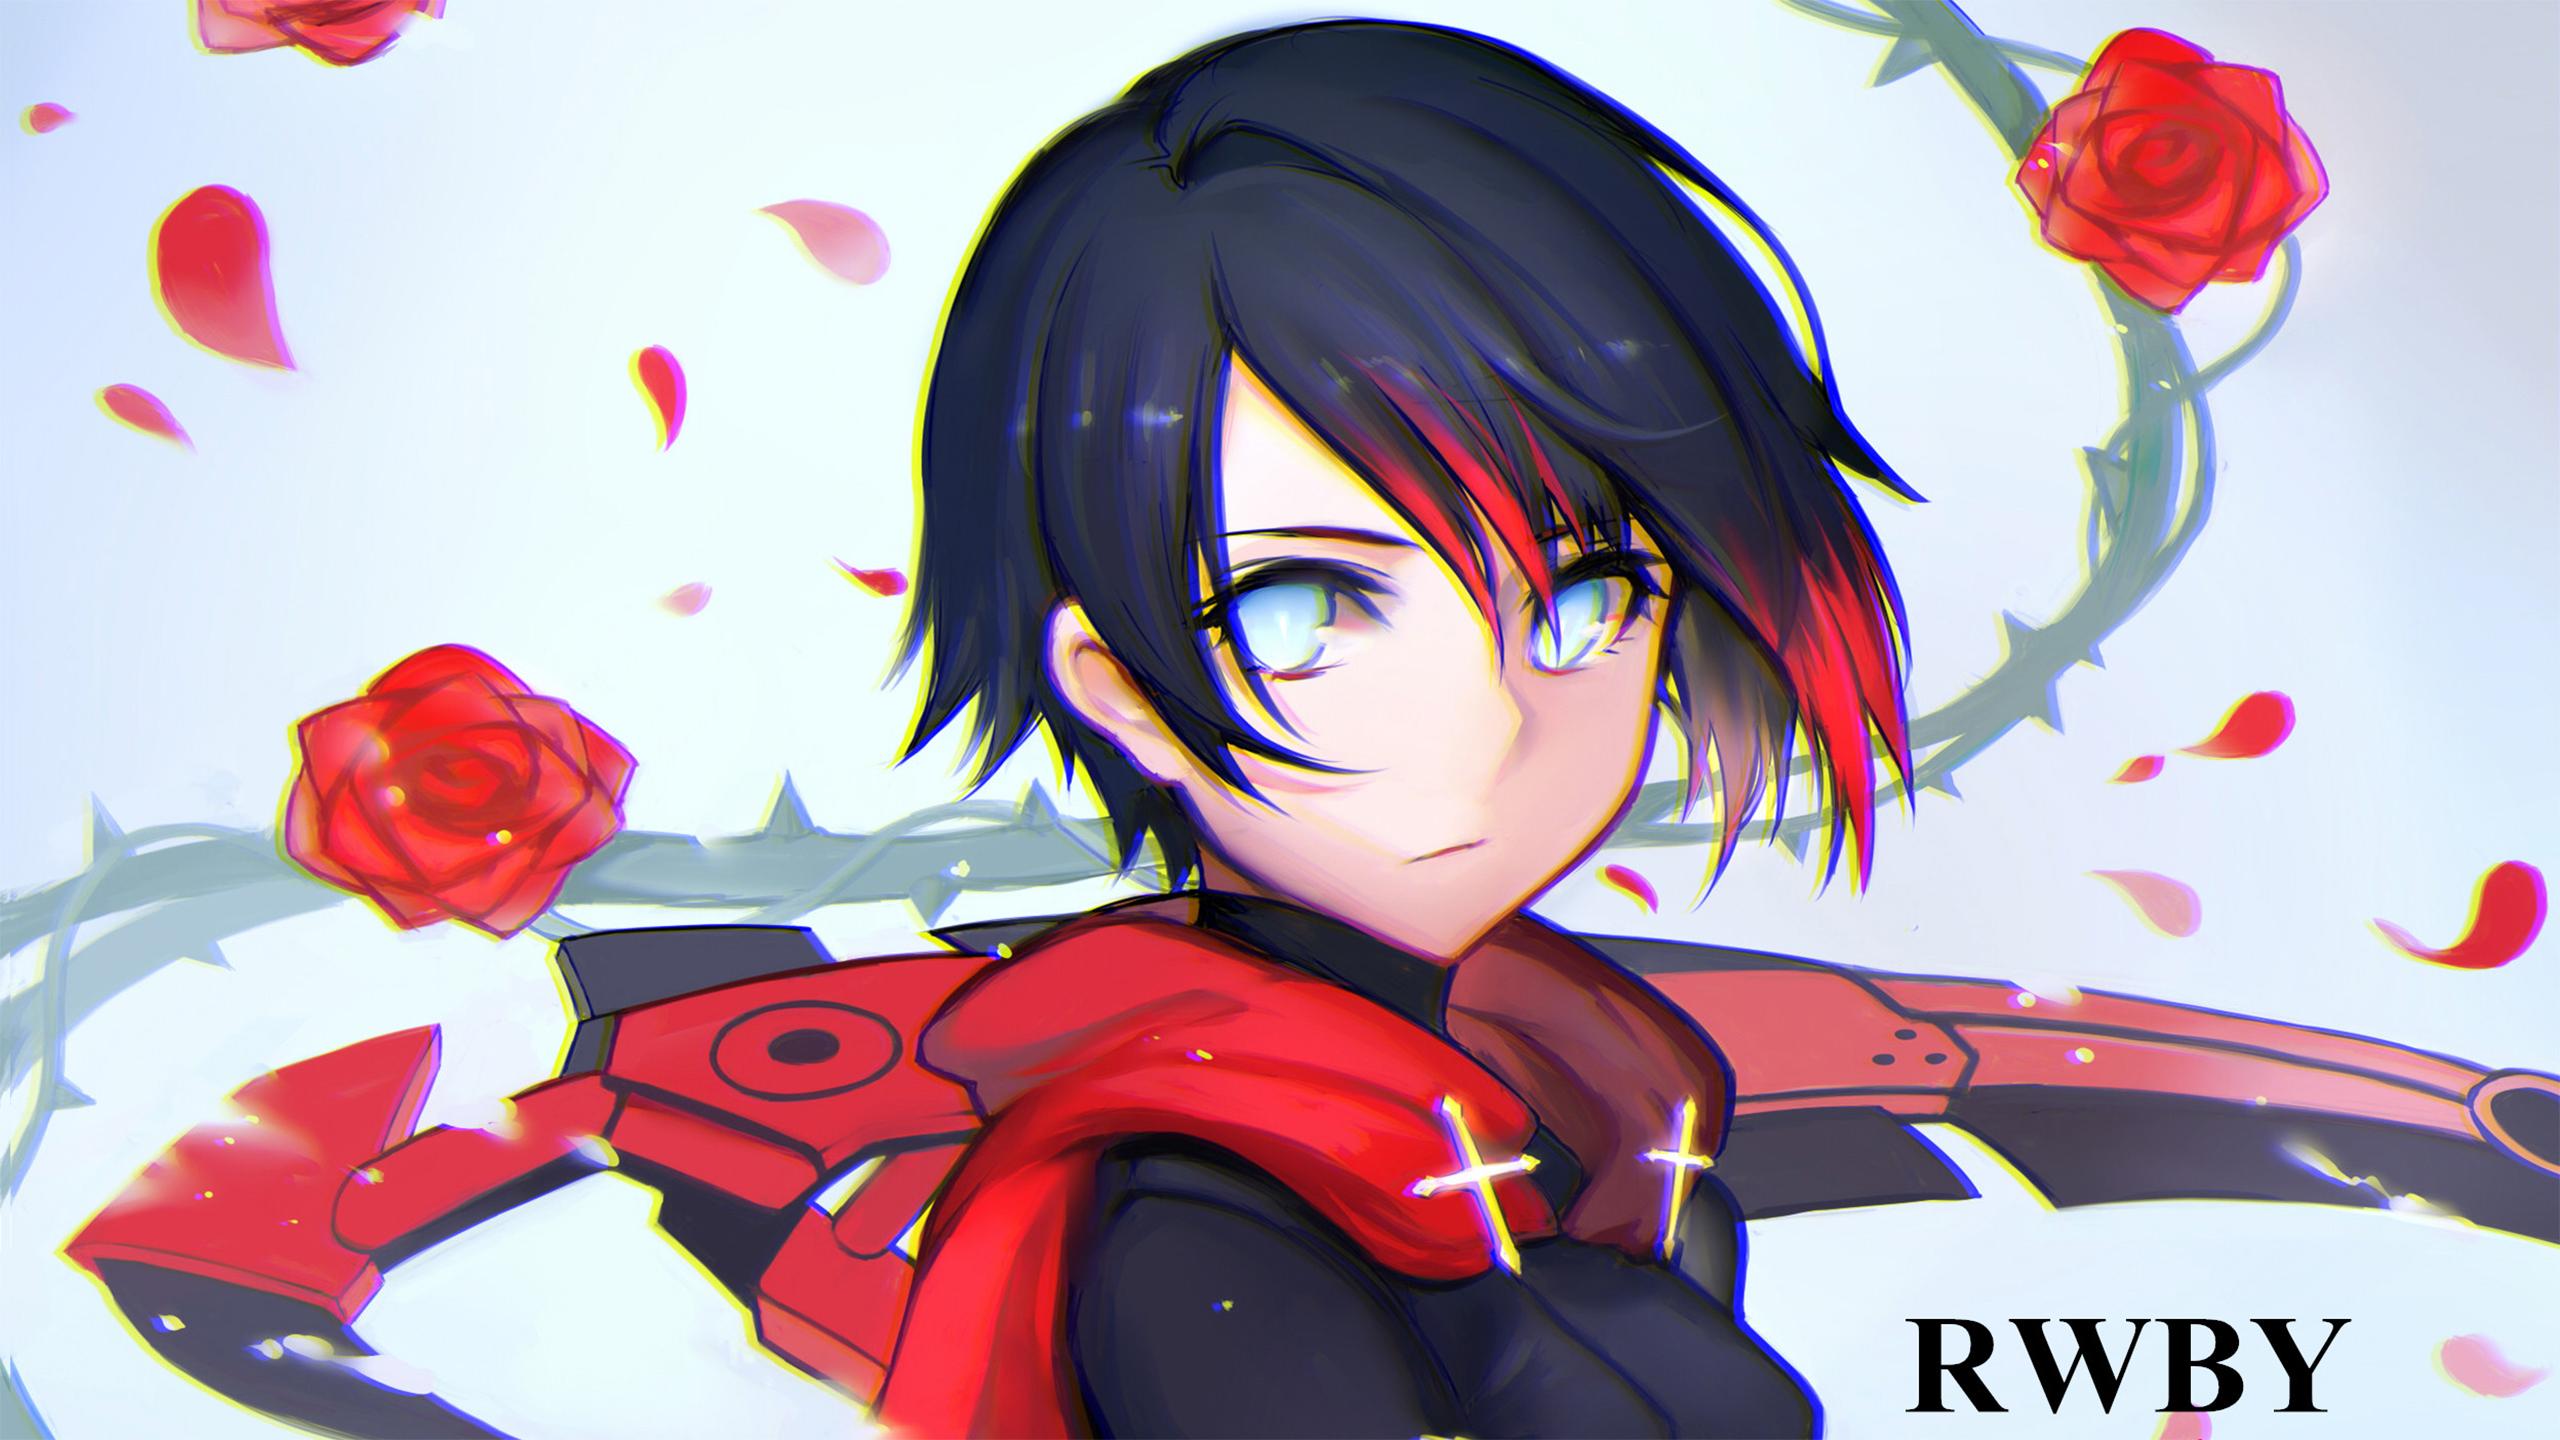 Art ID: 108015